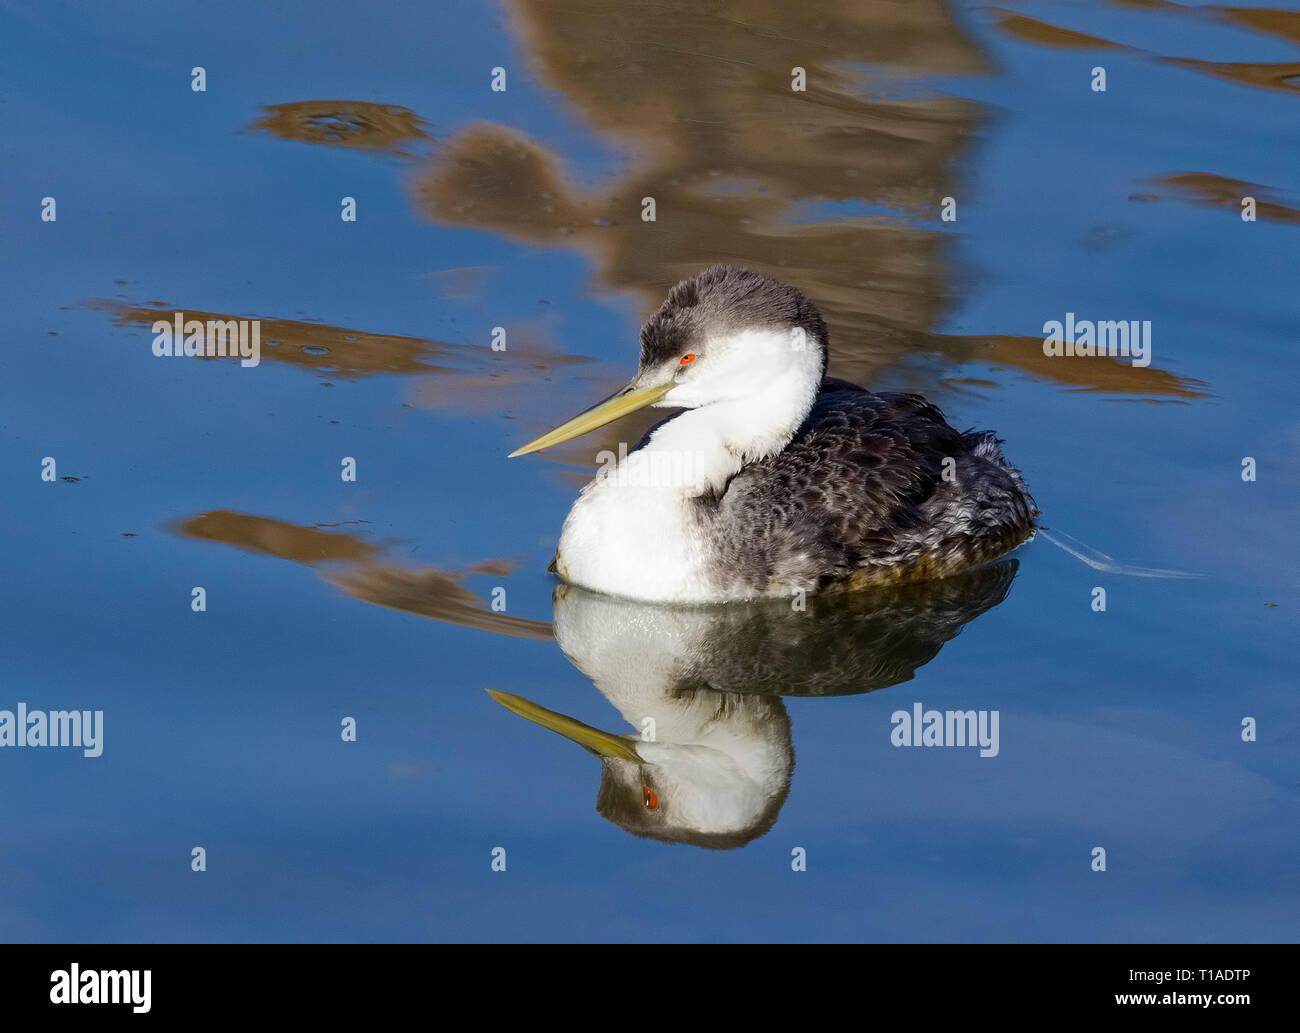 Grèbe élégant dans l'eau bleu toujours parfait reflet Photo Stock